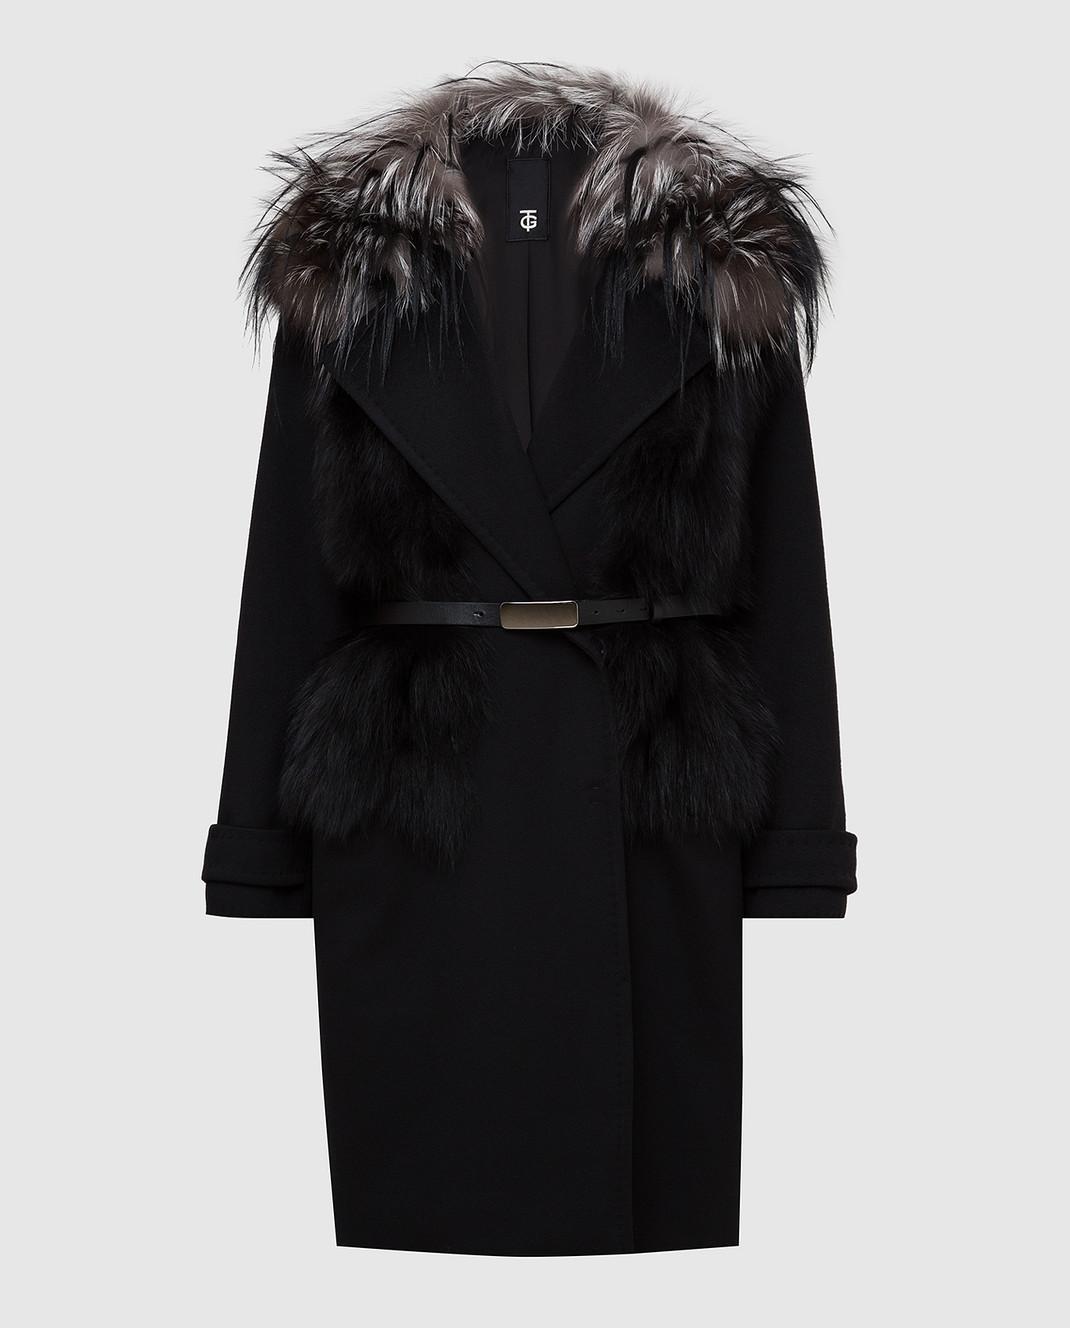 Giuliana Teso Черное пальто из шерсти и кашемира с мехом лисы 64C6060